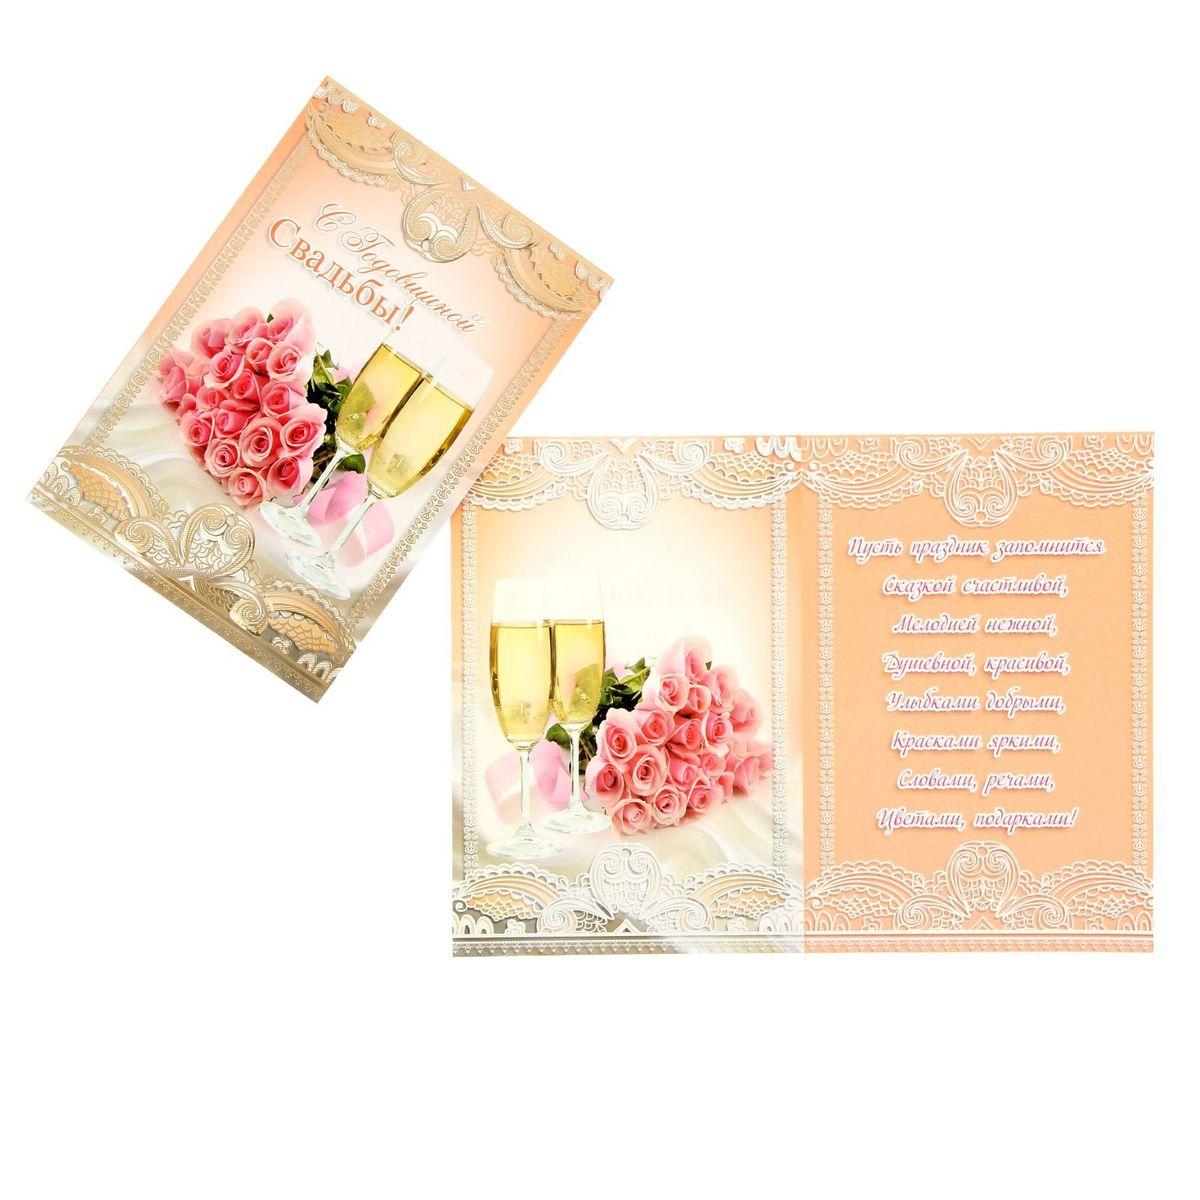 Открытка Sima-land С годовщиной свадьбы! Бокалы и розы1194662Если вы хотите порадовать себя или близких, создать праздничное настроение и с улыбкой провести памятный день, то вы, несомненно, сделали правильный выбор! Открытка Sima-land С годовщиной свадьбы! Бокалы и розы, выполненная из плотной бумаги, отличается не только оригинальным дизайном, но и высоким качеством. Лицевая сторона изделия оформлена ярким изображением. Внутри открытка содержит текст с поздравлением. Такая открытка непременно порадует получателя и станет отличным напоминанием о проведенном вместе времени.